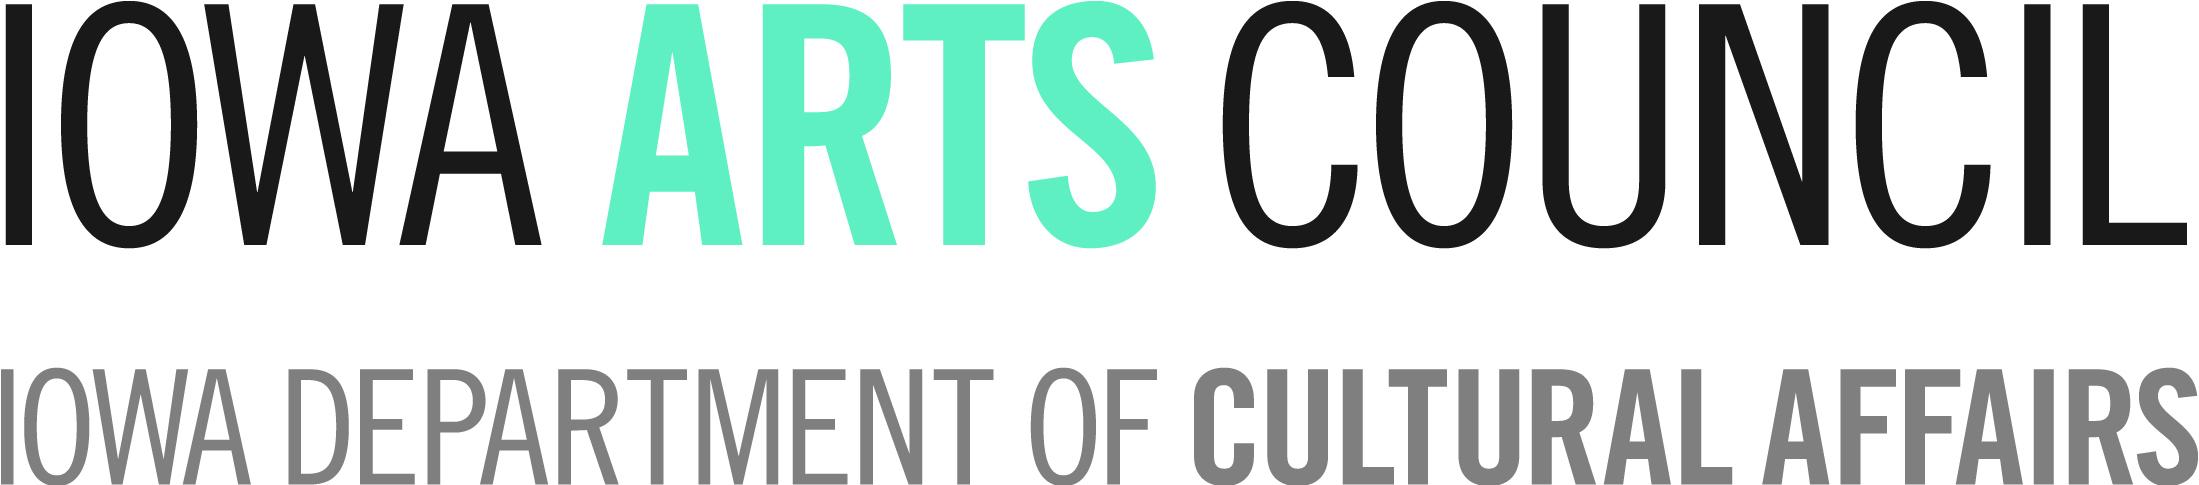 Iowa Arts Council.jpg